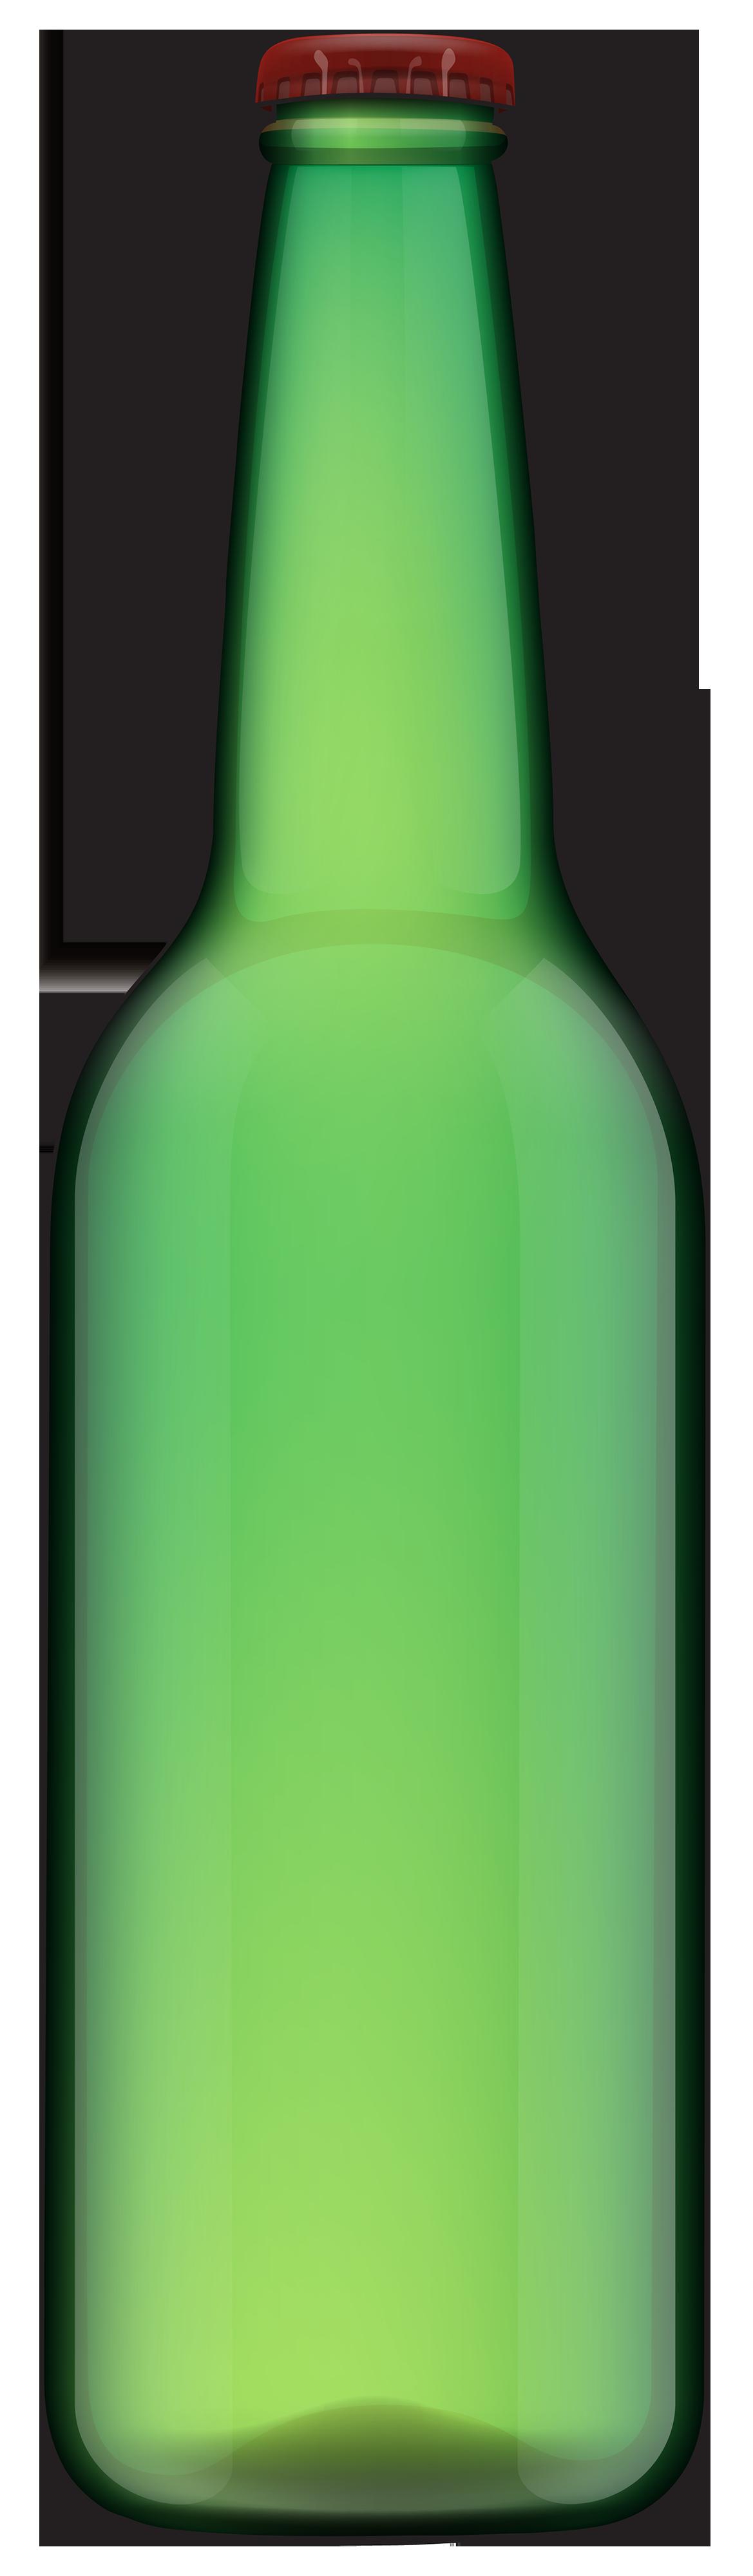 ... Beer bottle clipart 5 ...